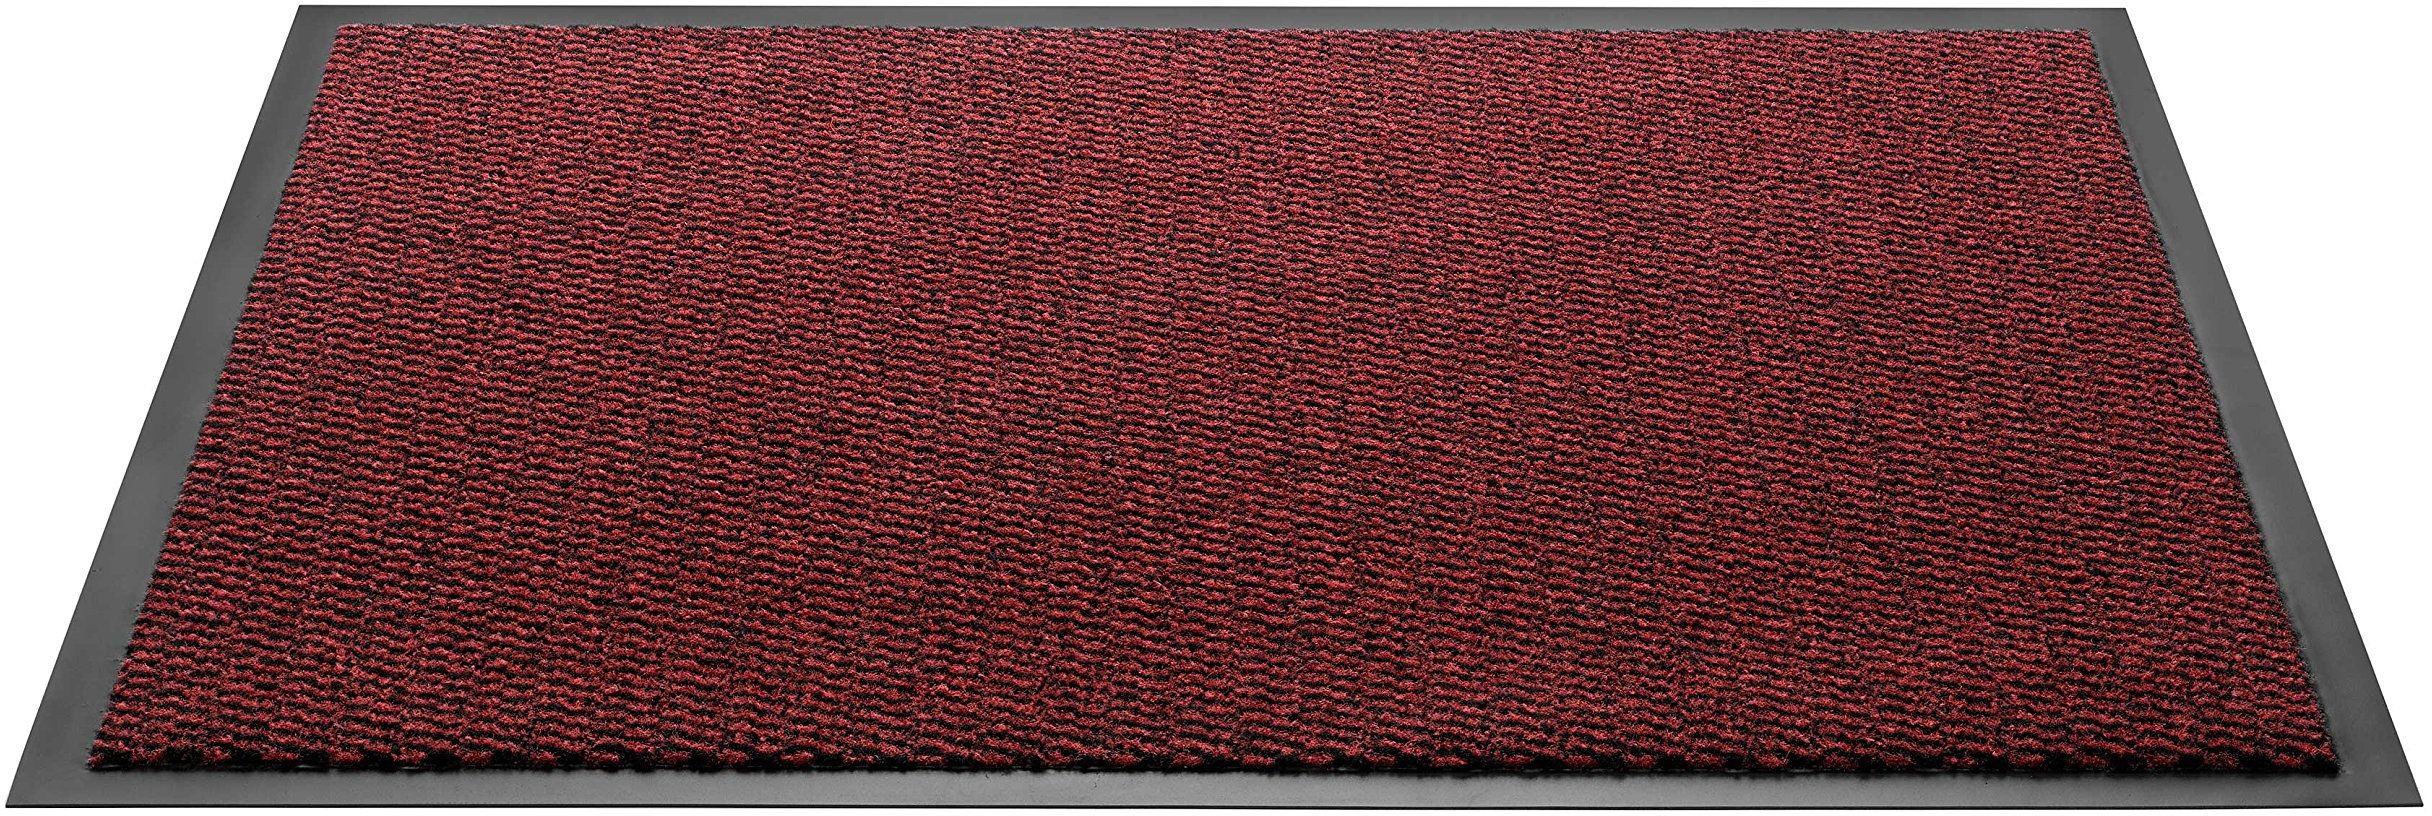 HMT Wycieraczka z polipropylenu, czerwona, 40 x 60 cm